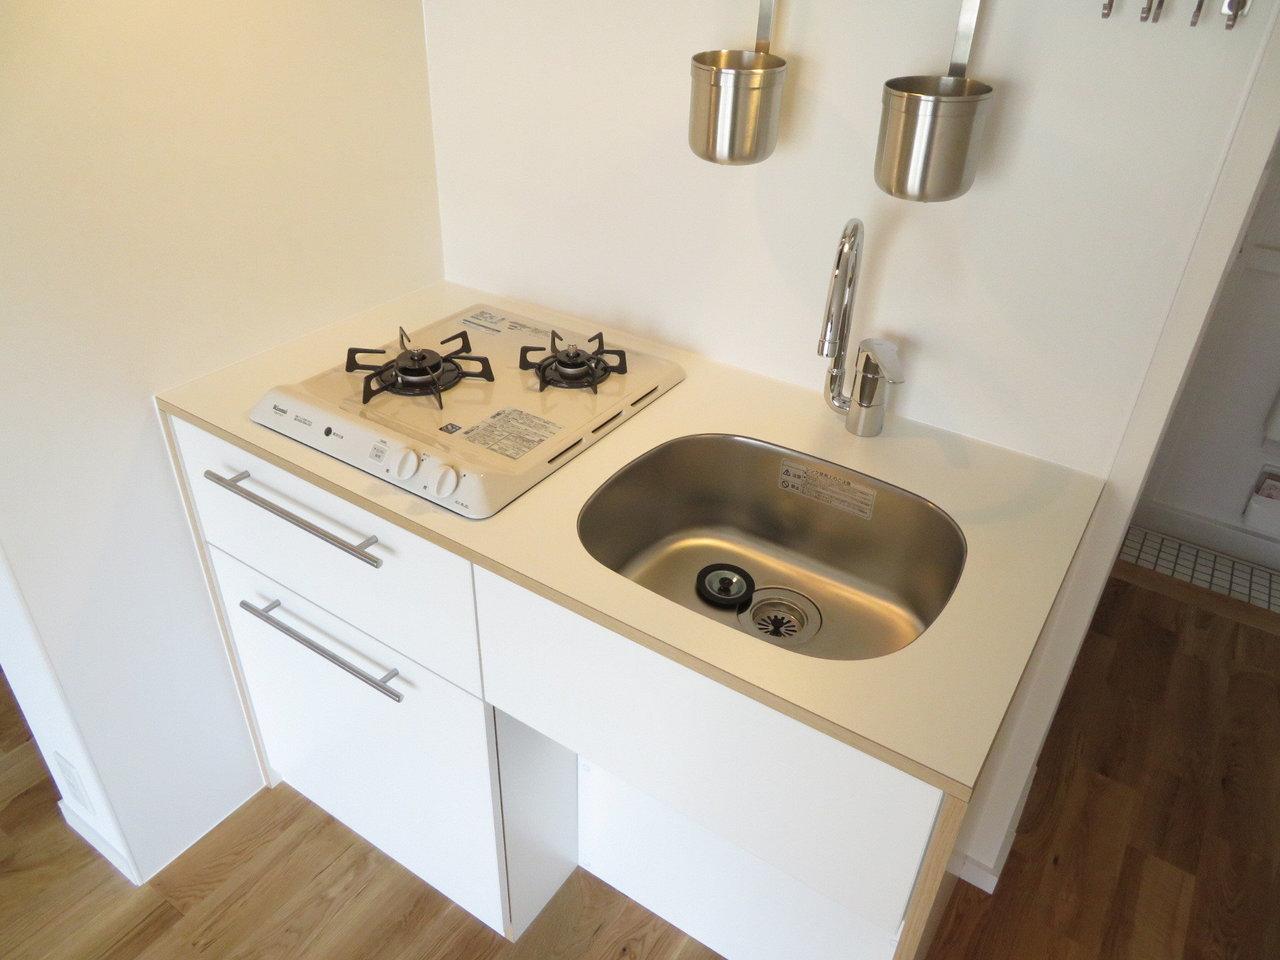 水回りの設備もフル交換しているので古さは感じません。作業スペースはないので自分でDIYして作ってみても楽しいかも。2口コンロがあるのは、料理の作業効率を考えると嬉しい設備です。